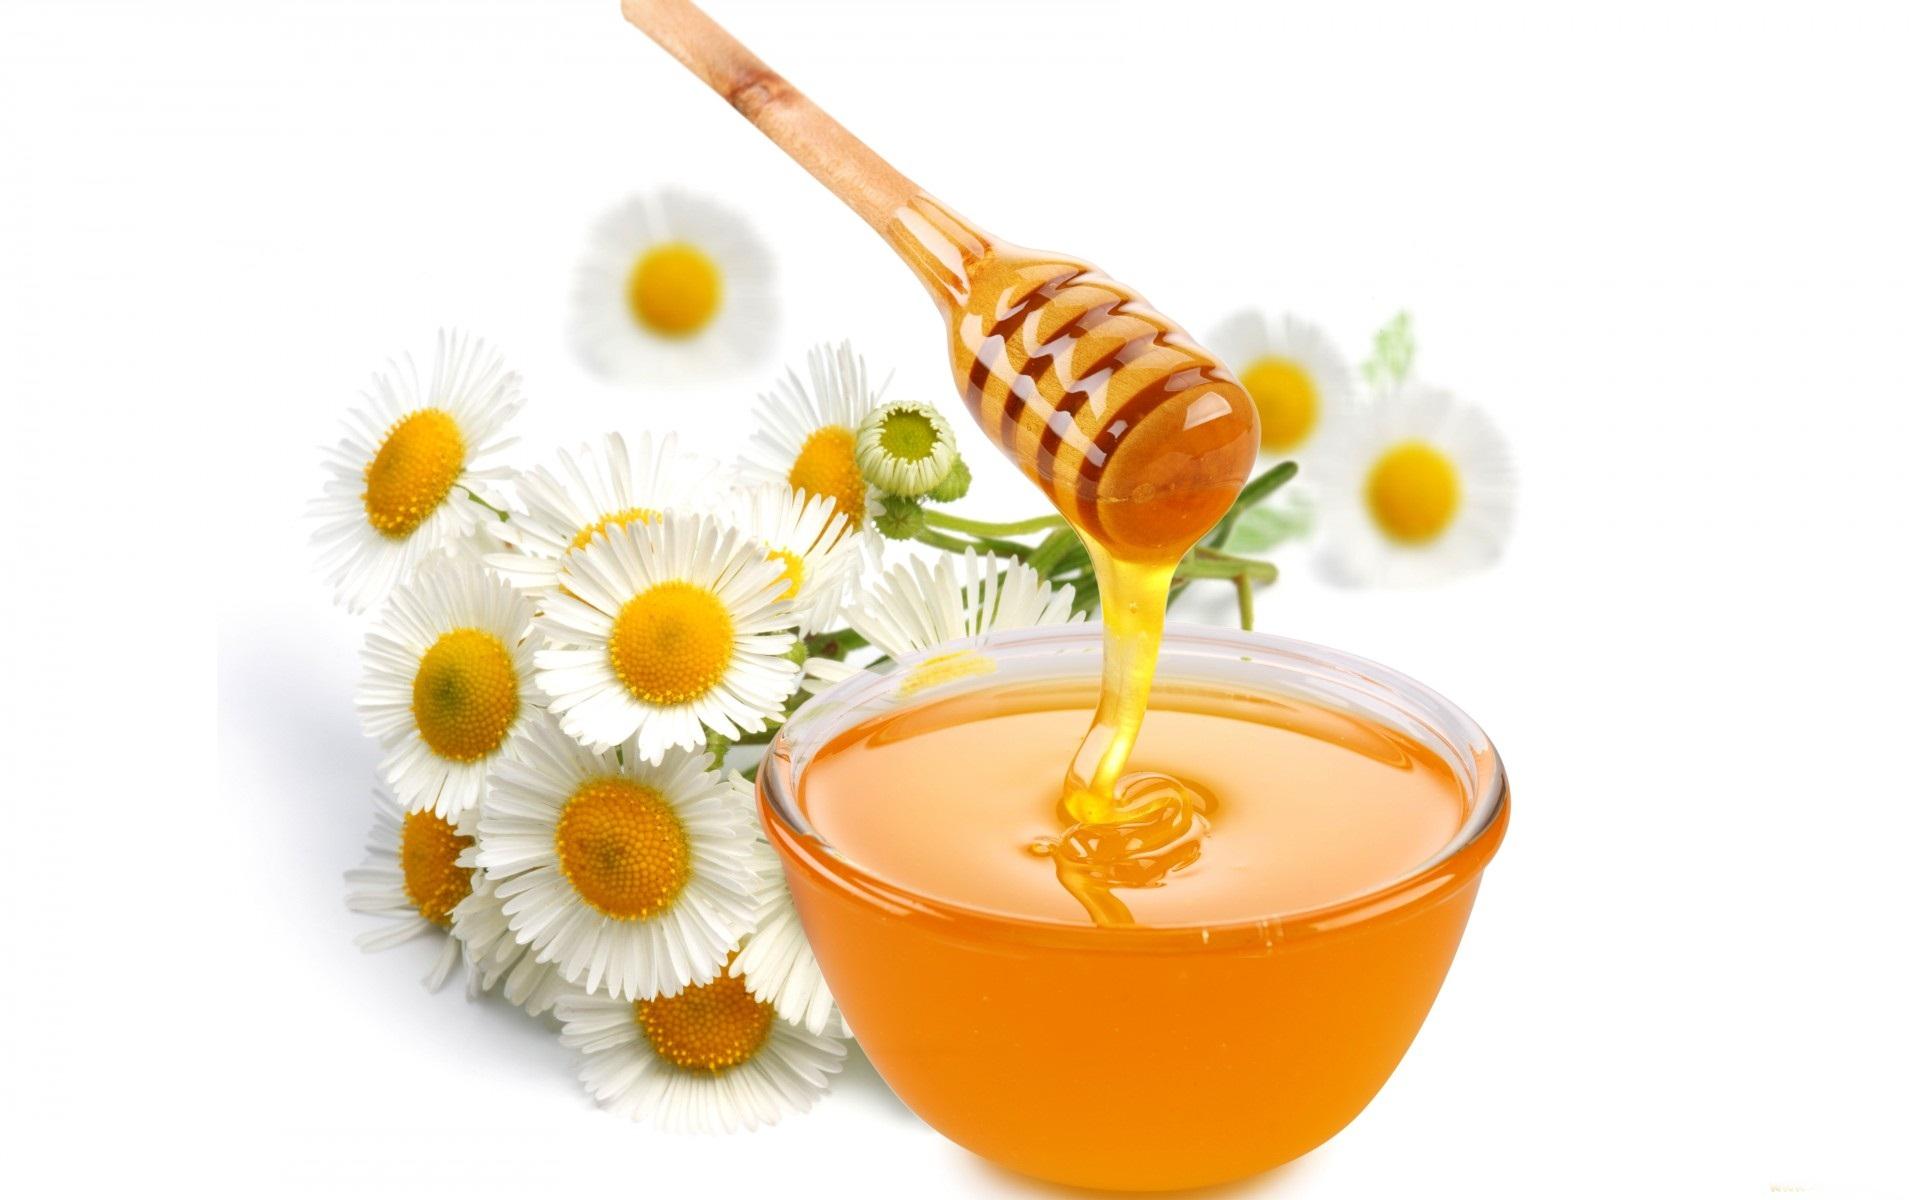 Celebrul şi căutatul remediu pentru toate bolile: miere cu scorţişoară.